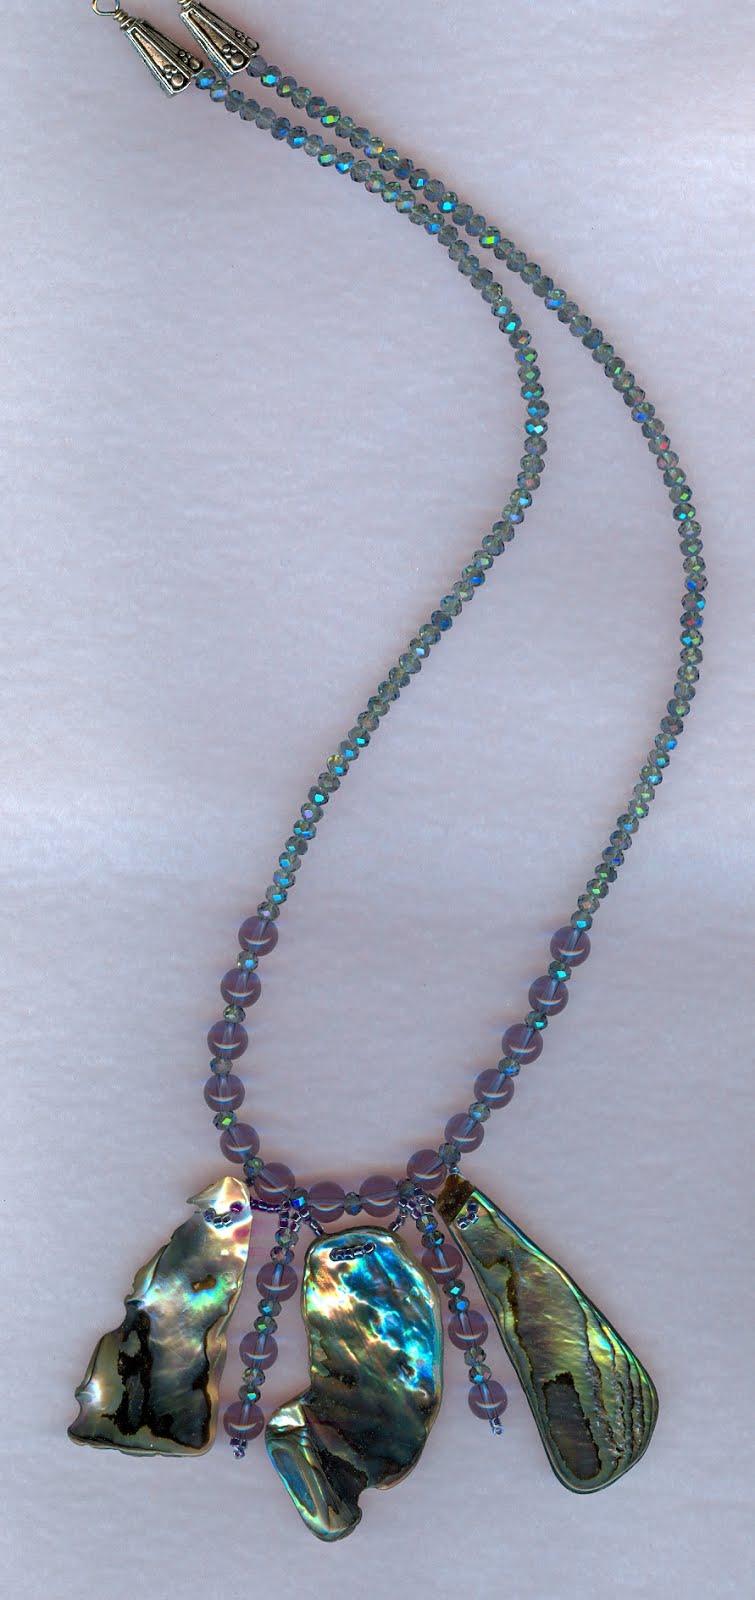 New Zealand Paua Shell Necklace